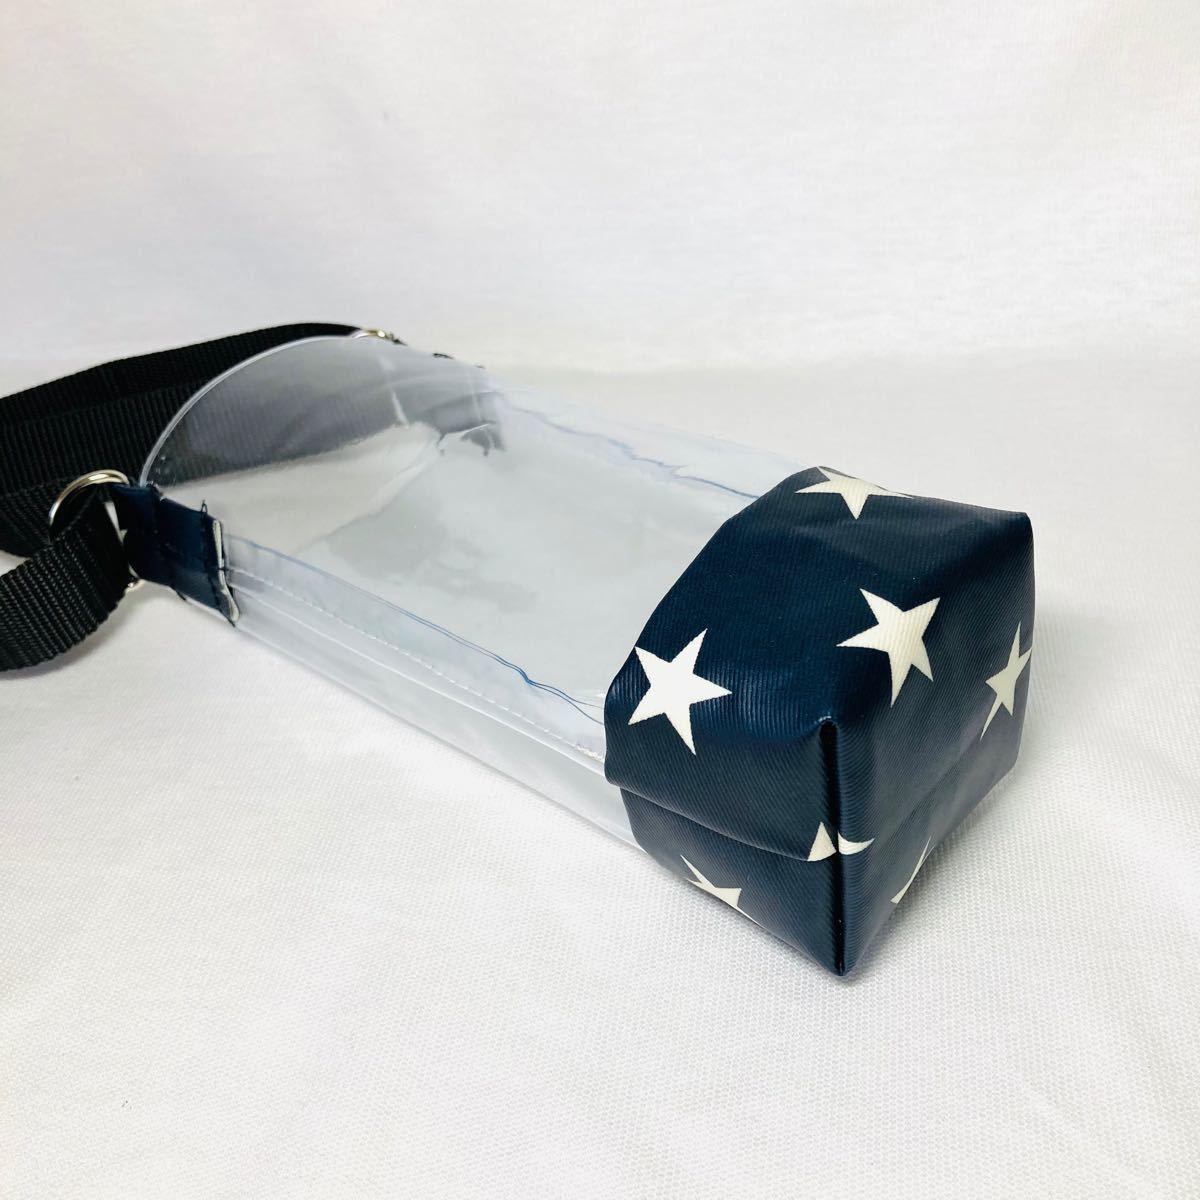 水筒カバー 星柄 黒 ボトルケース  ステンレスボトル キッズ水筒カバー 透明カバー 直飲み水筒ケース 新品 水筒入れ